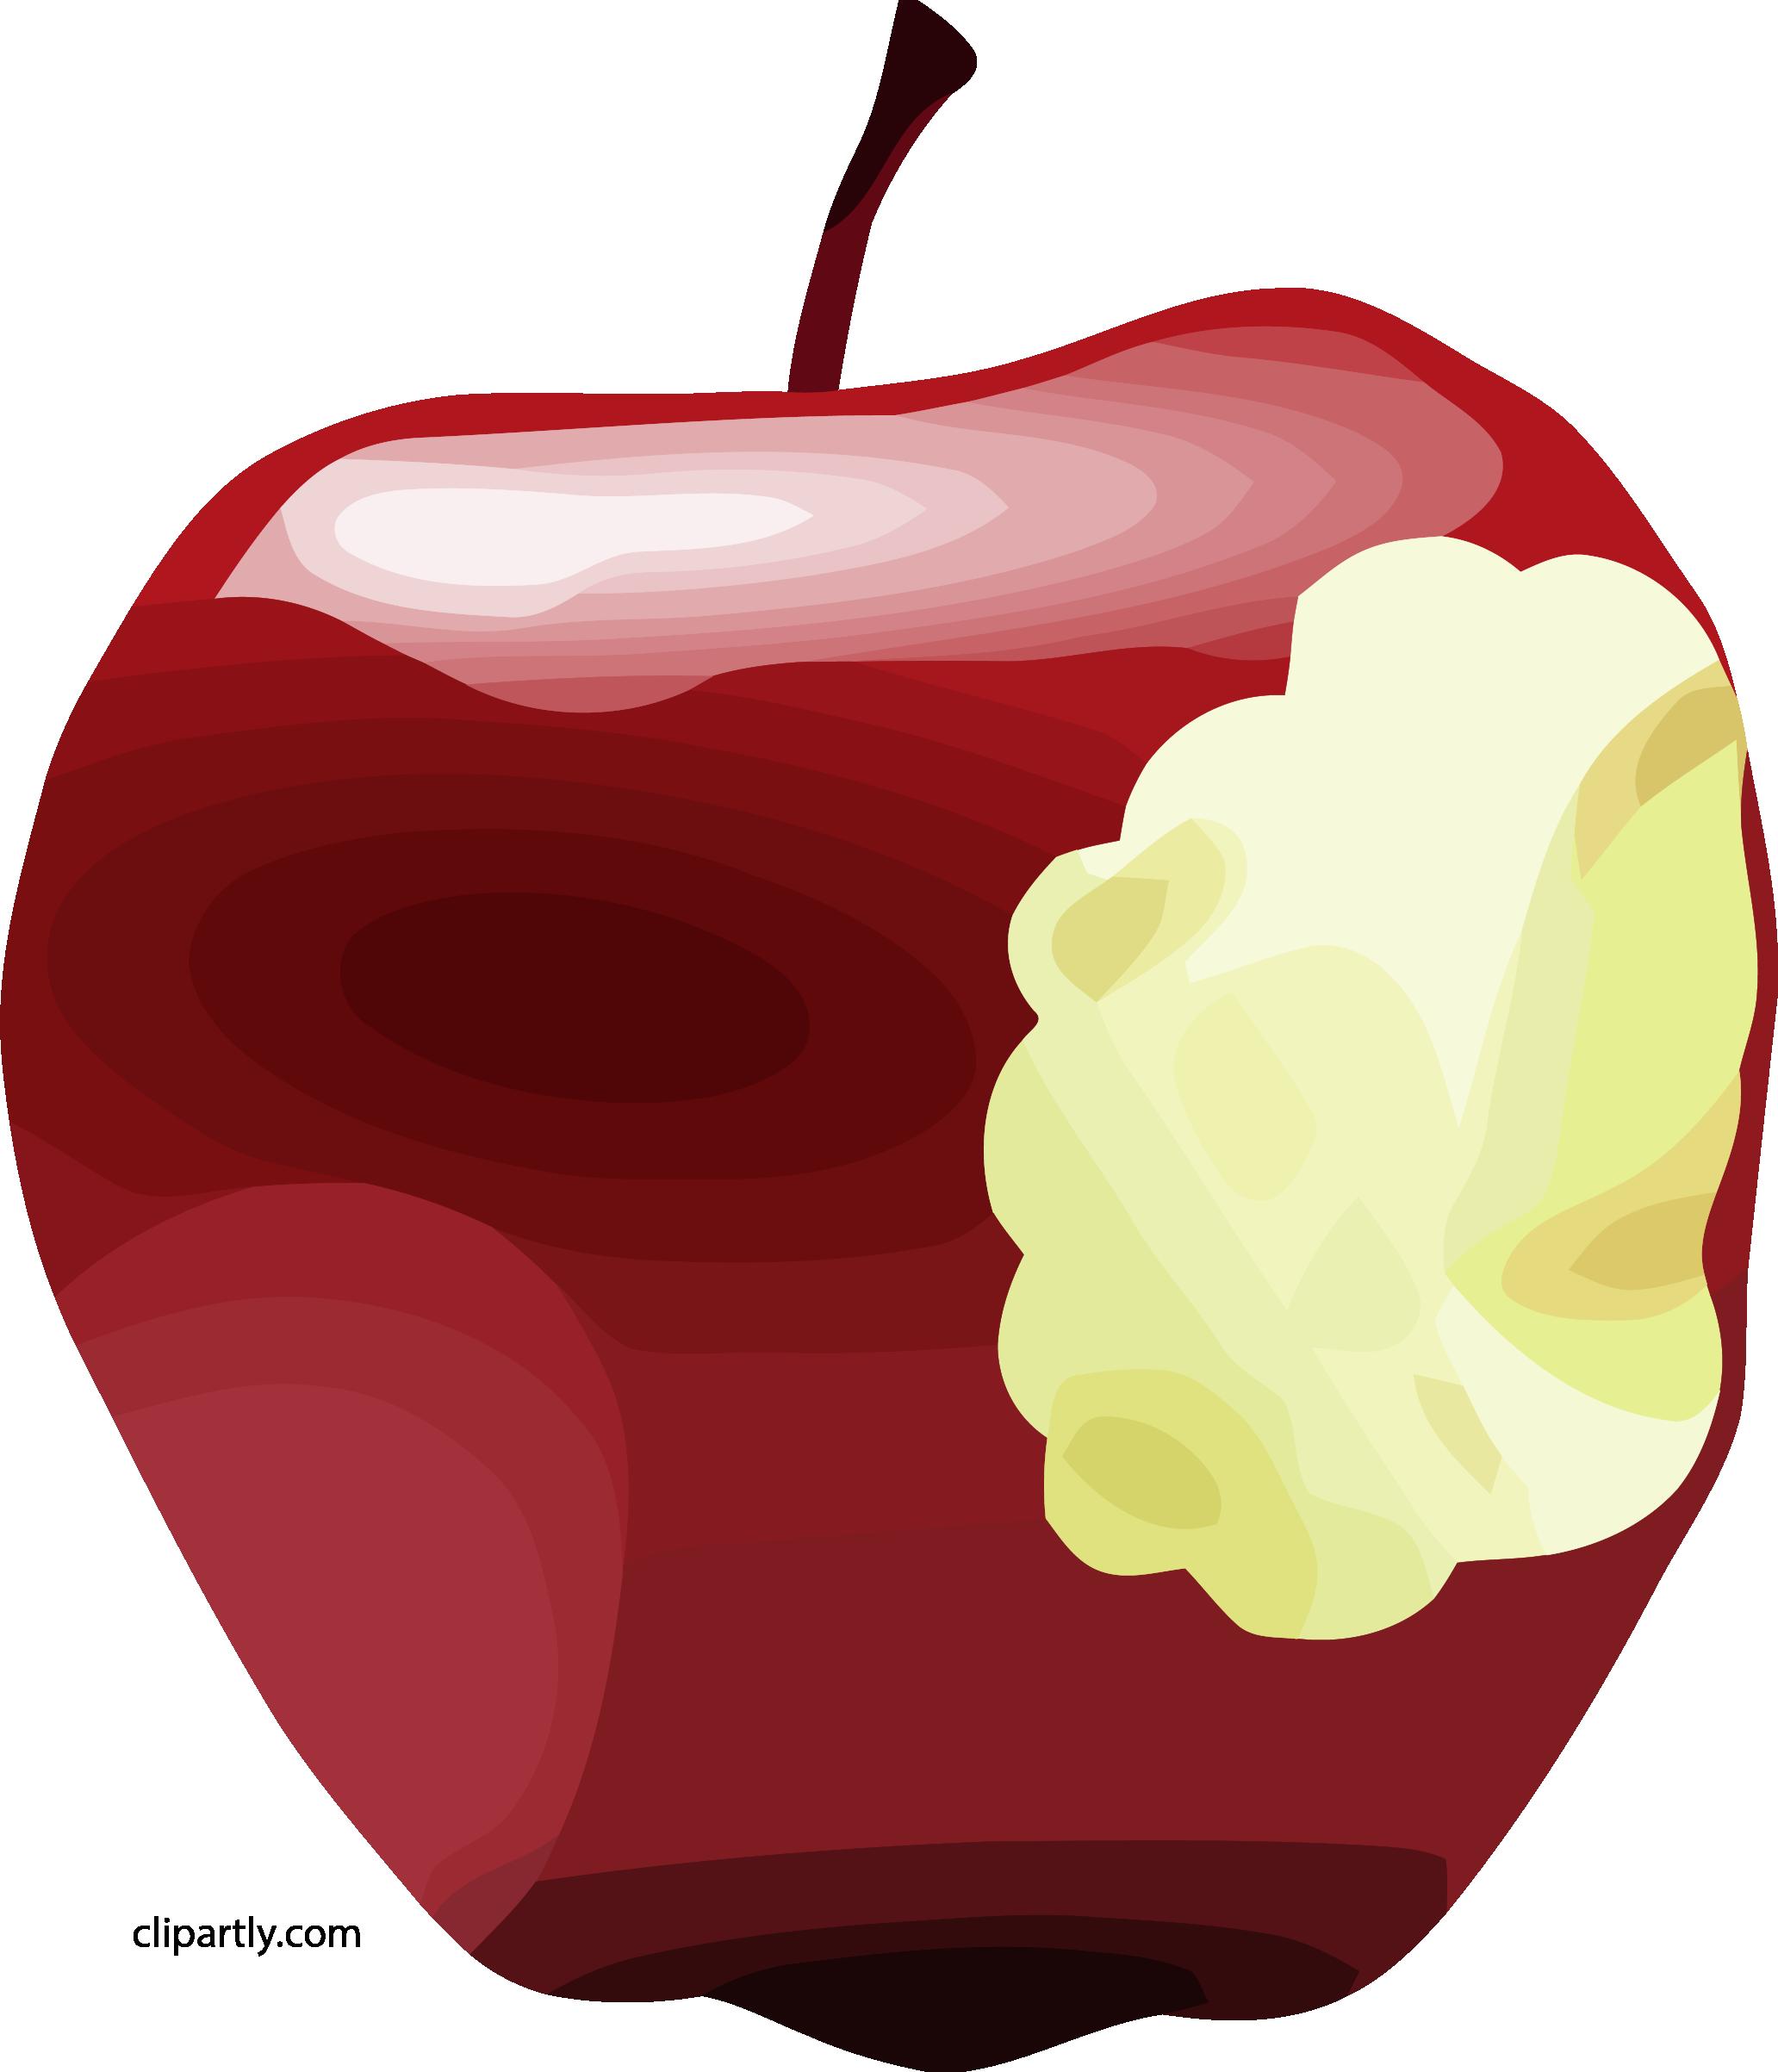 Apple Bitten Dan Gerhard Brown Apple Clipart Png.